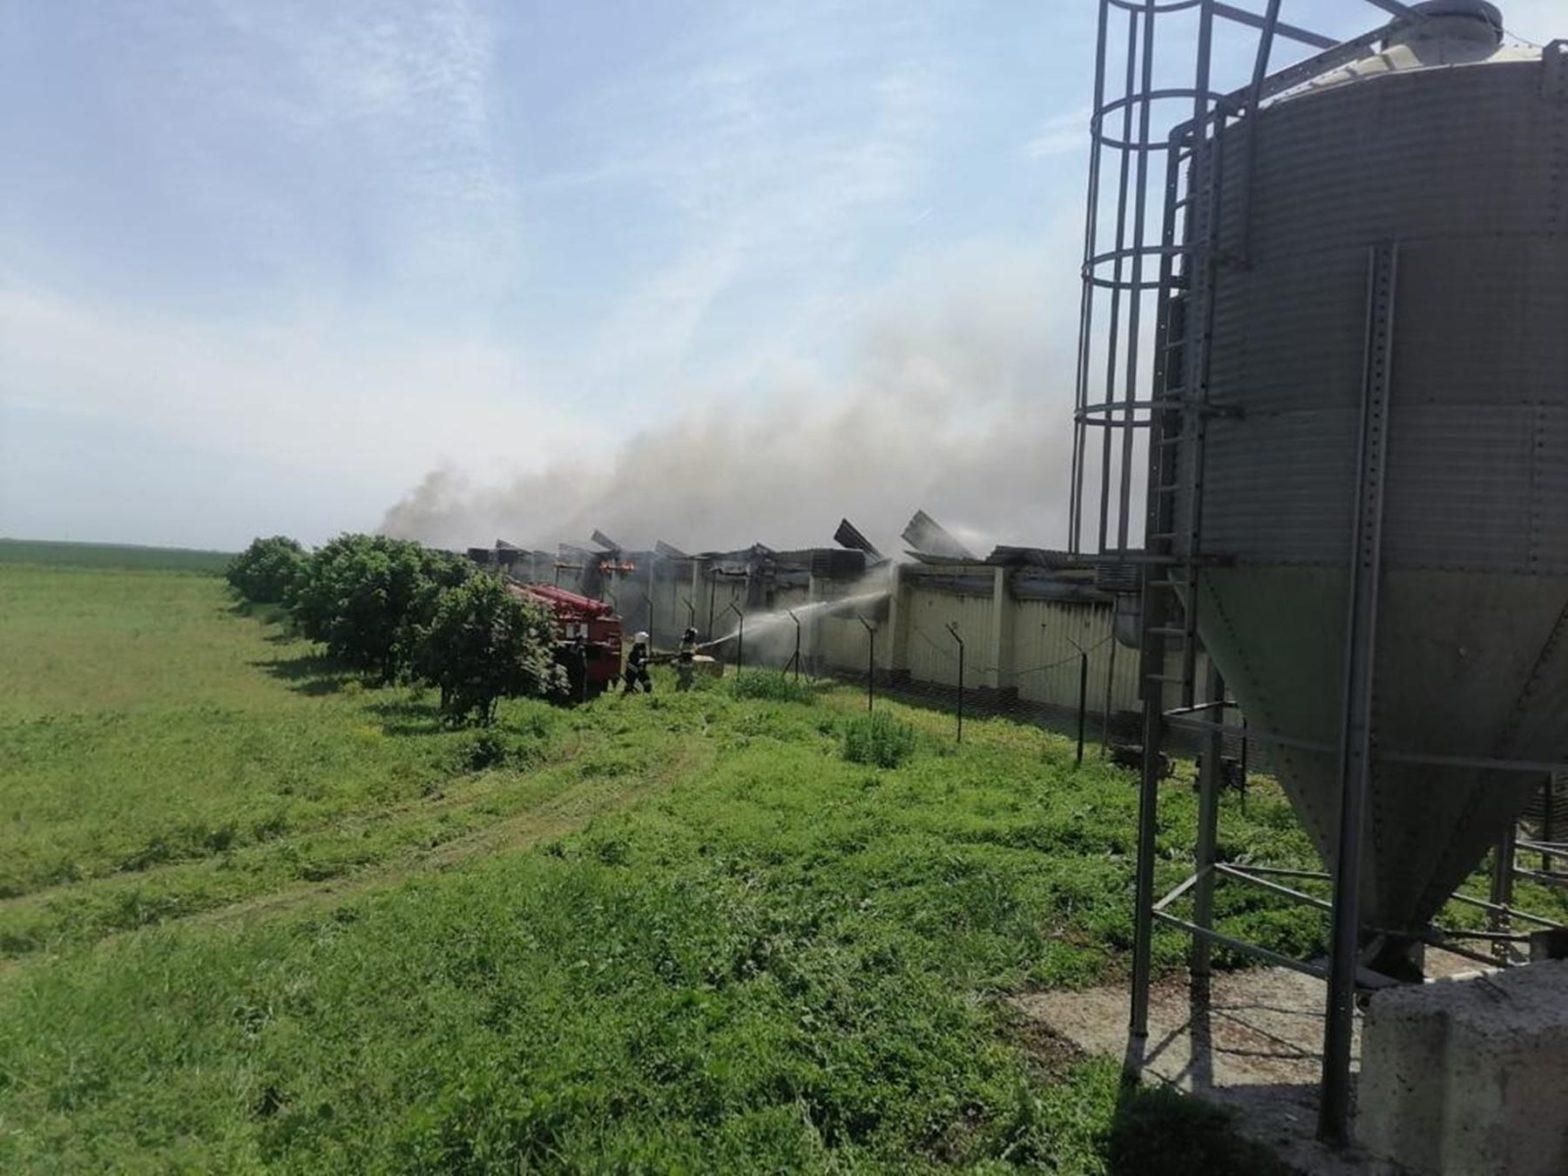 Ущерб от пожара на свиноферме в Каменском районе оценили в 50 млн рублей